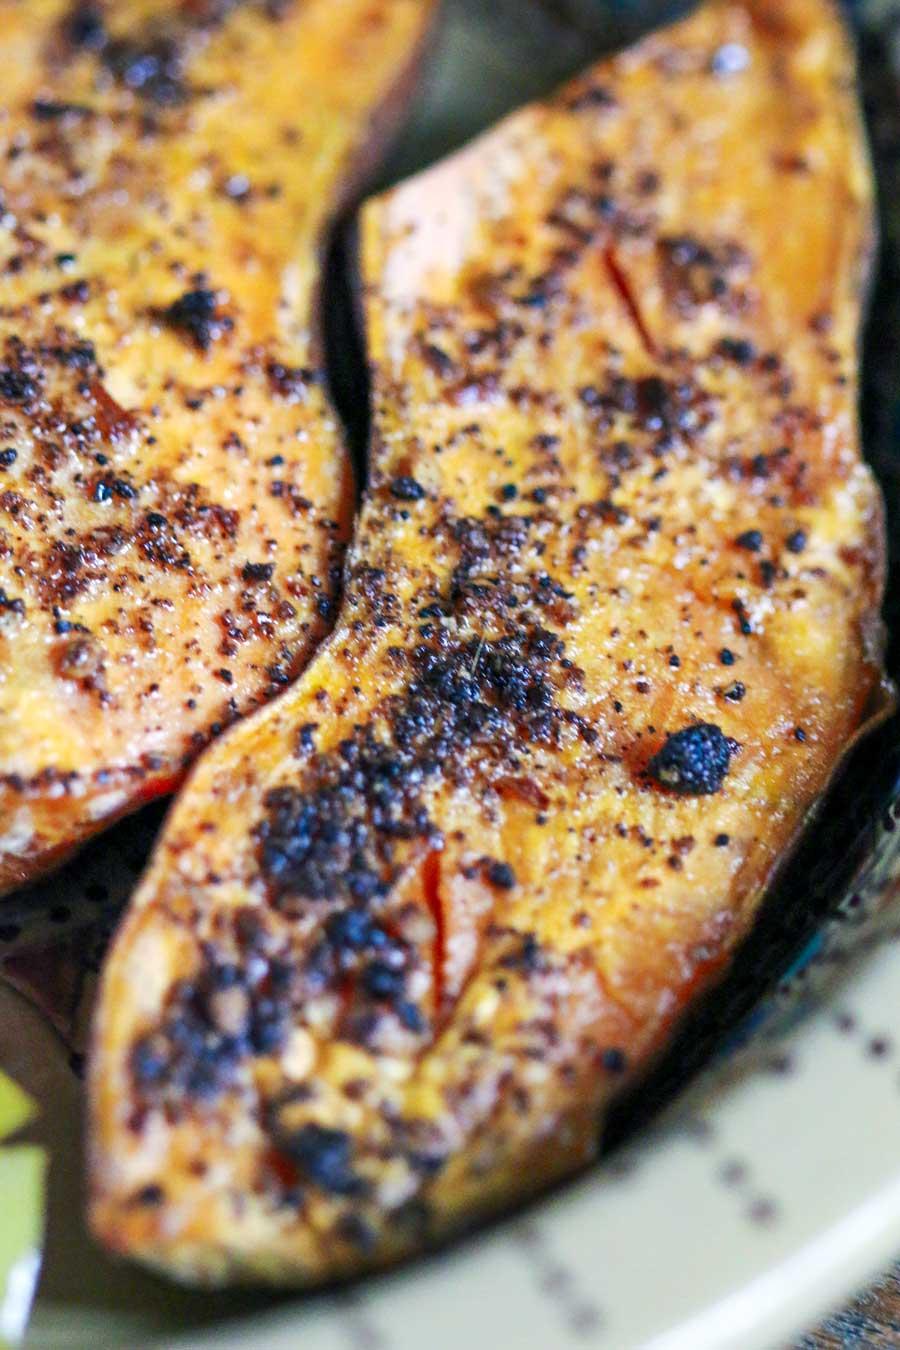 Patates douces au bukni masala